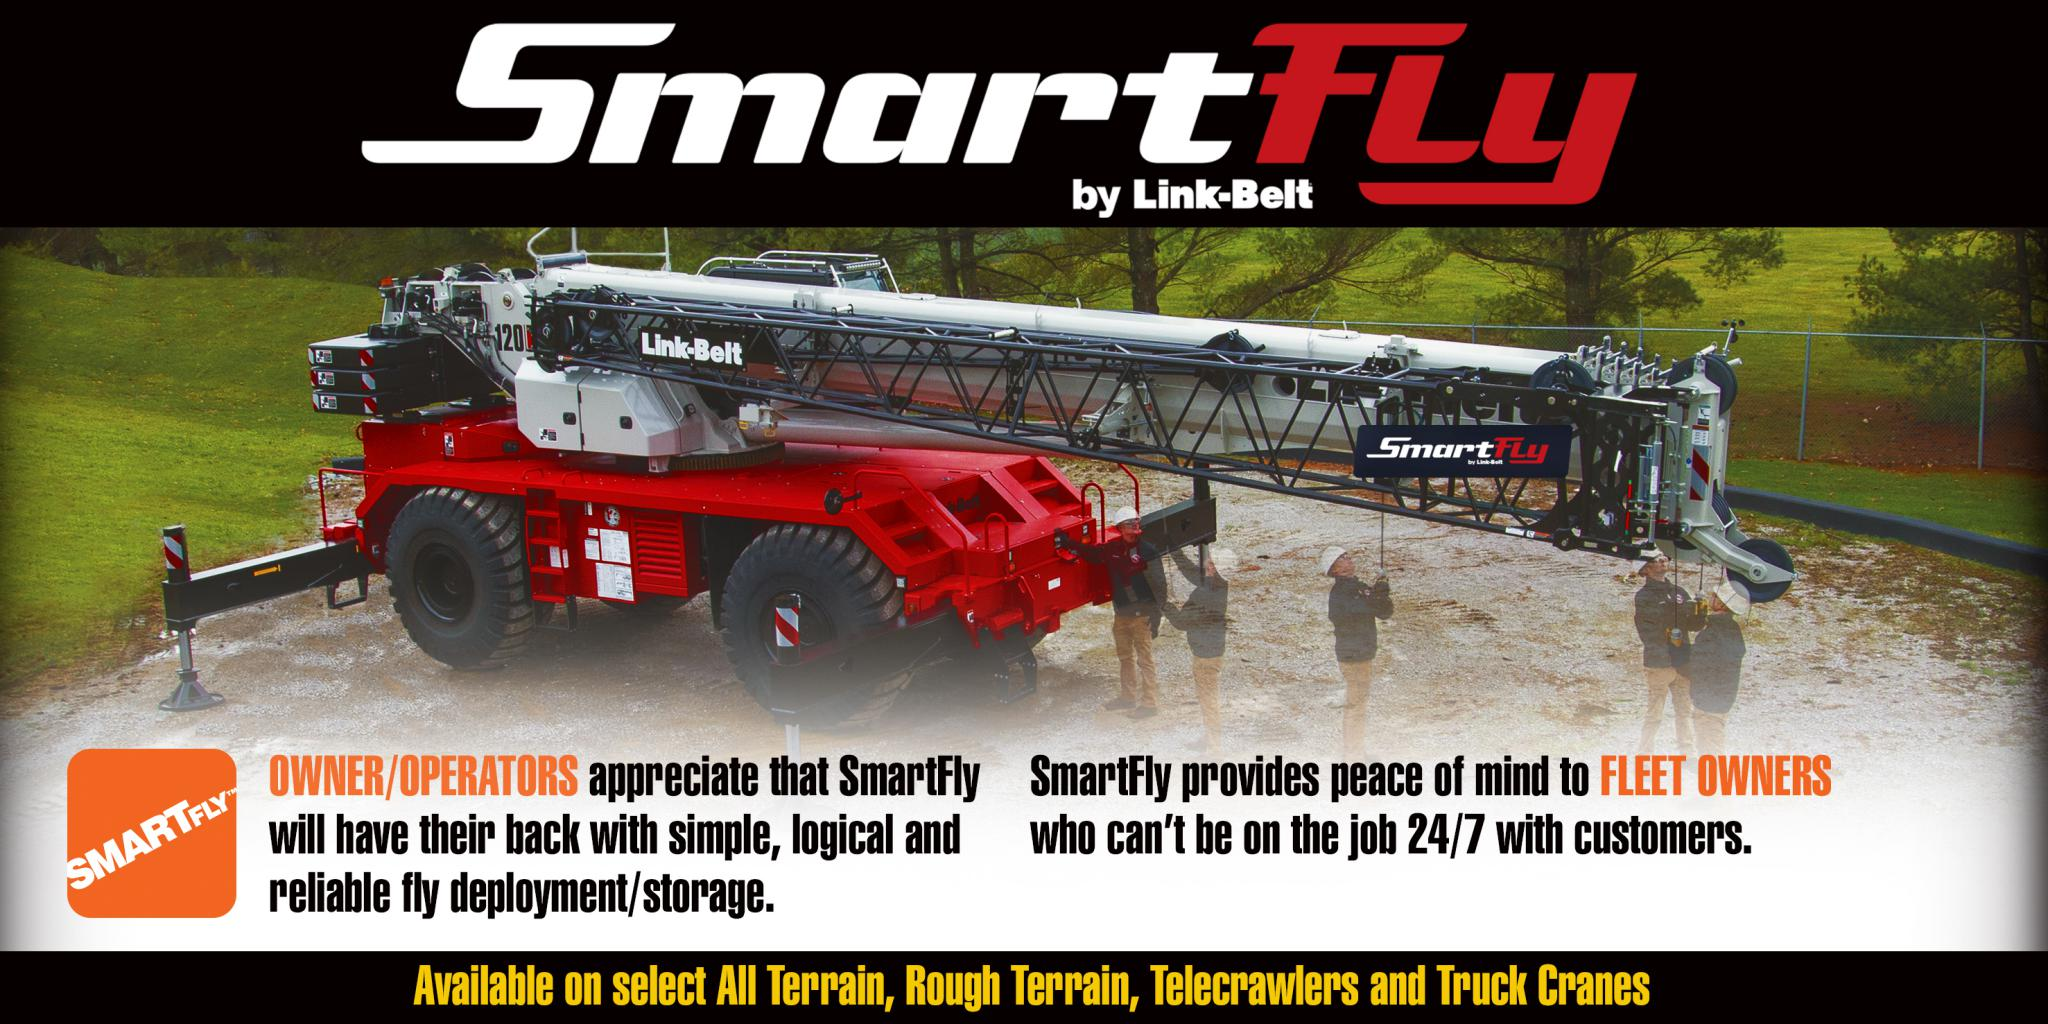 Link-Belt SmartFly